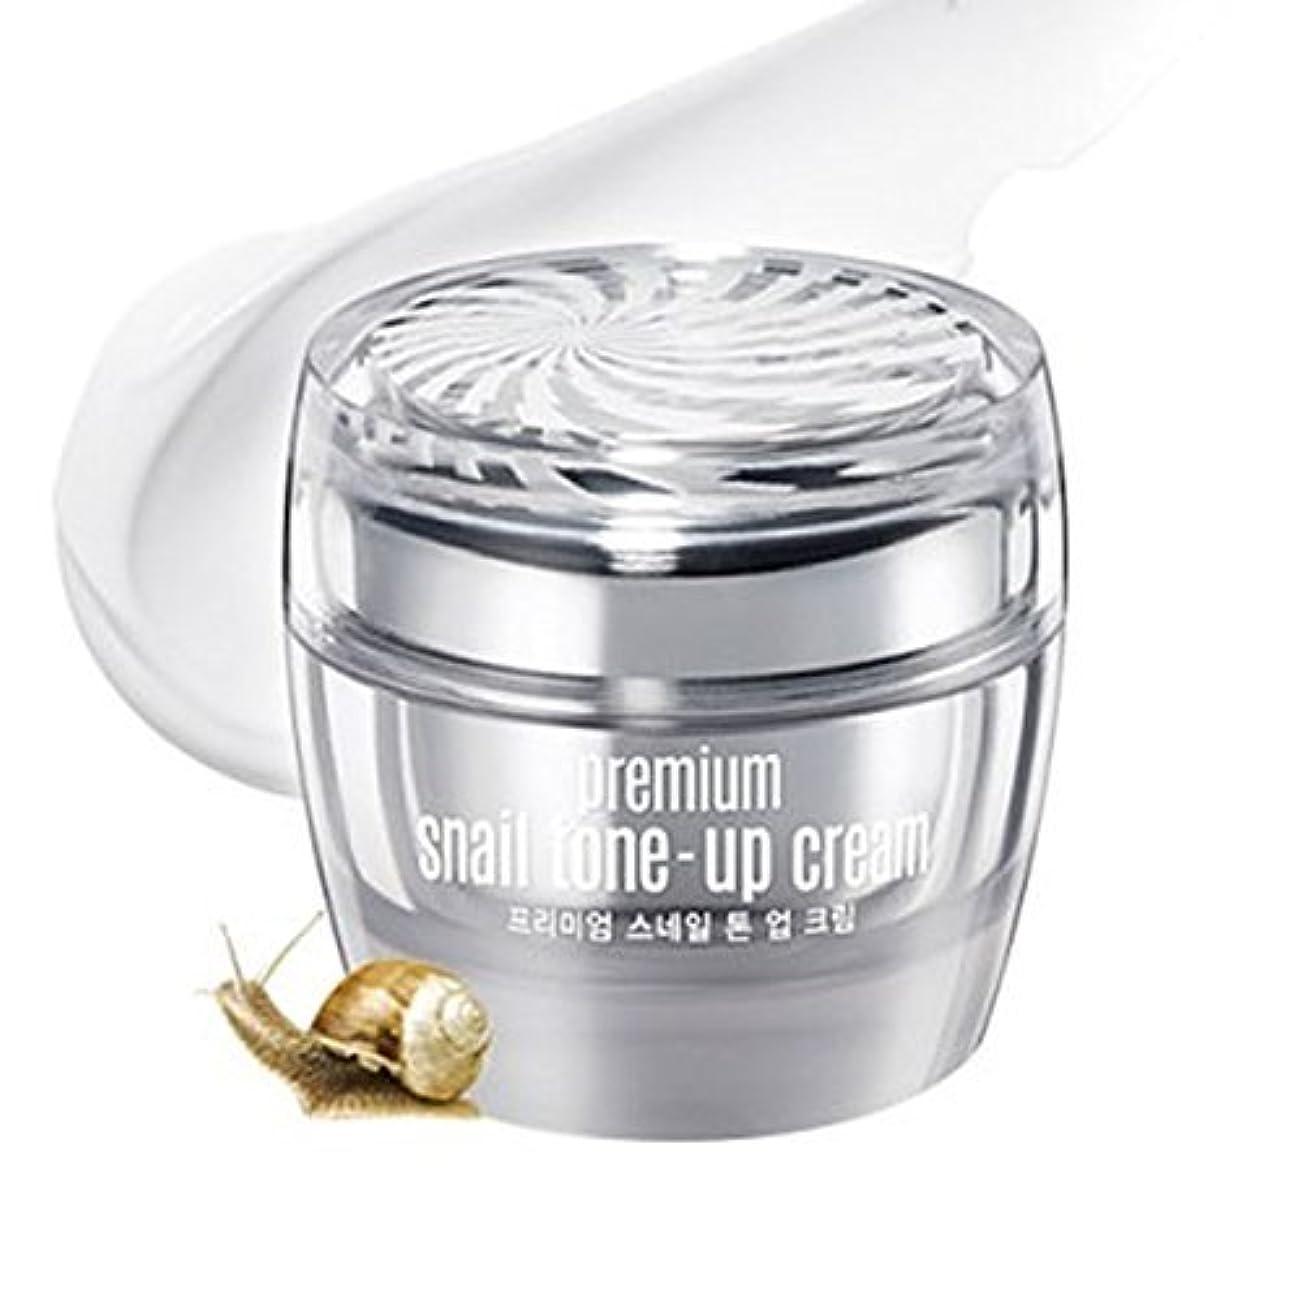 固める嫉妬夢中グーダル プレミアム スネイル トーンアップ クリーム CLIO Goodal Premium Snail Tone Up Whitening Cream 50ml(1.69oz)/Korea Cosmetic [並行輸入品]